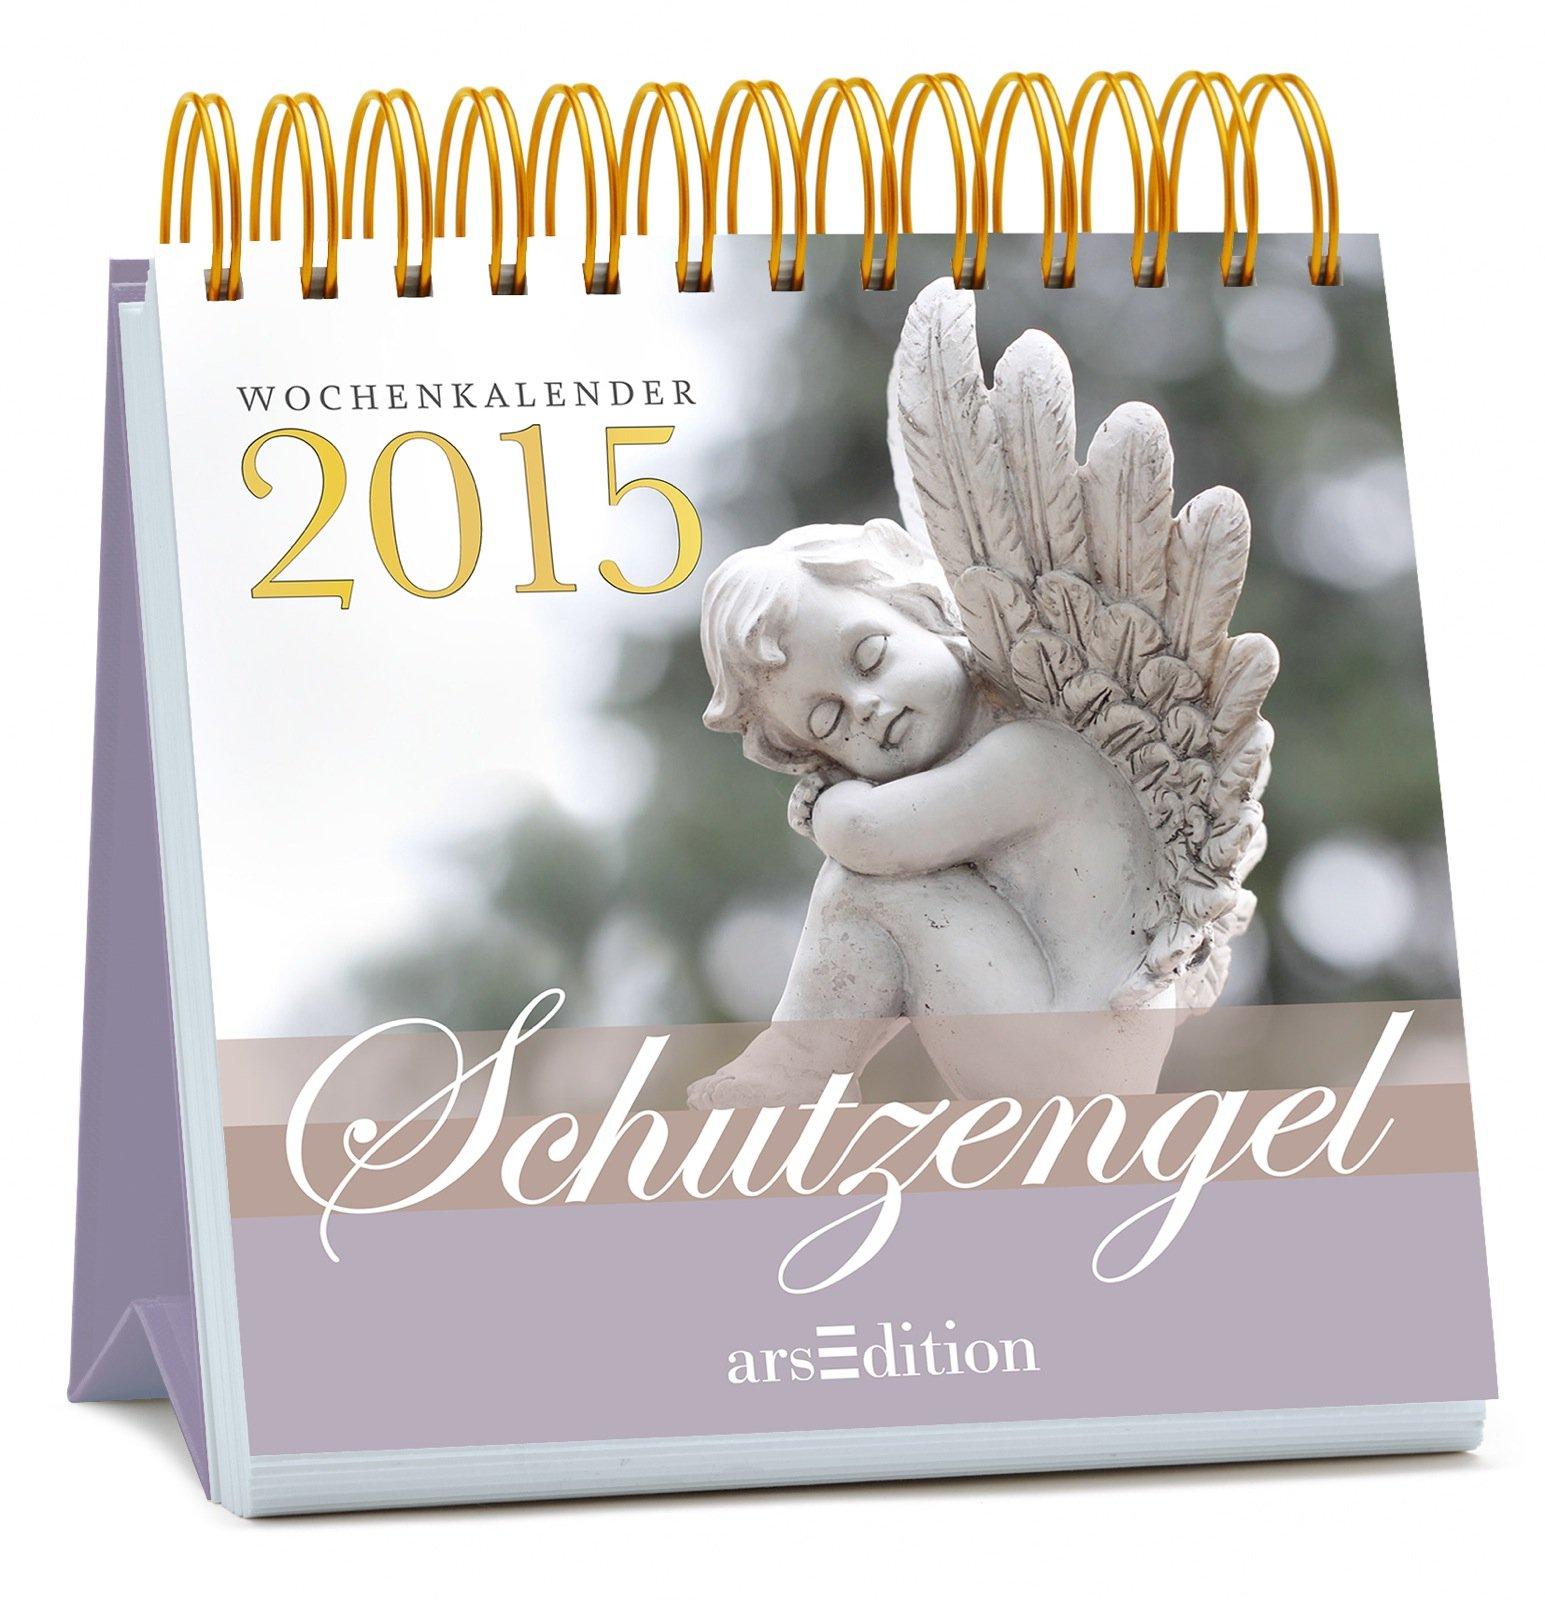 Schutzengel 2015 (Wochenkalender)